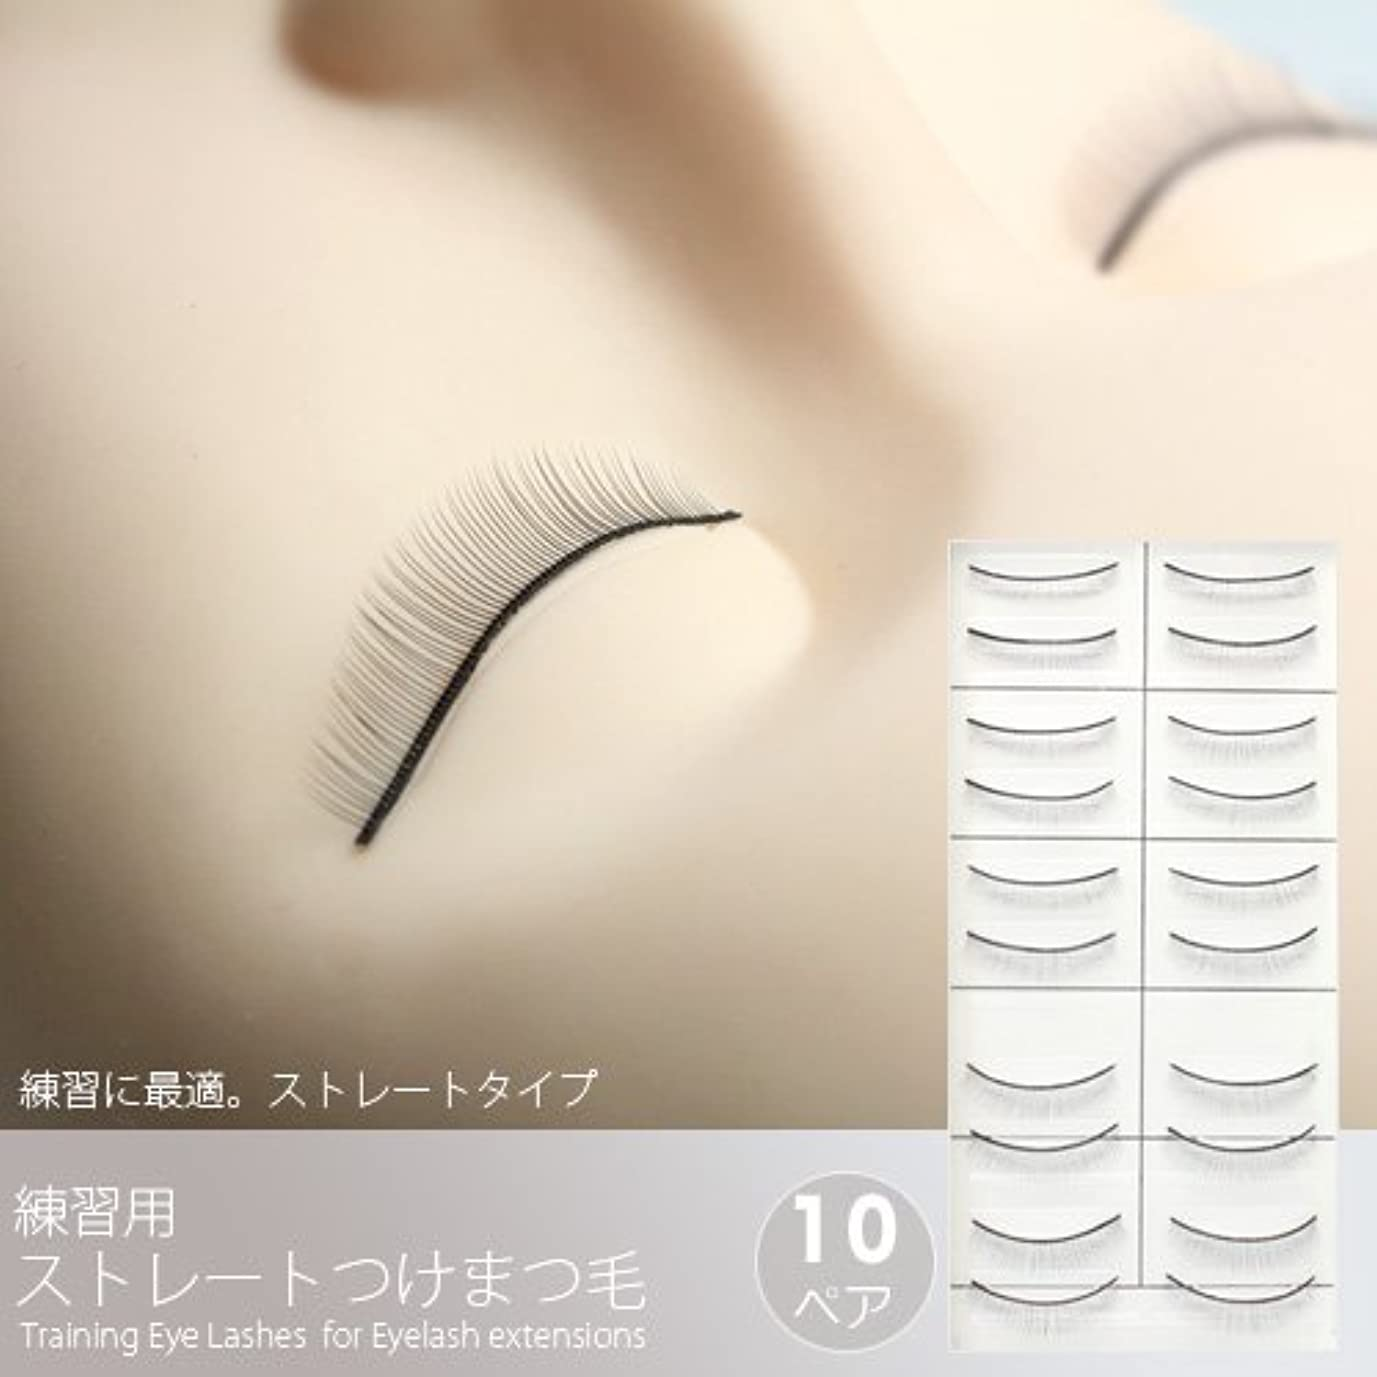 時間意味ロデオ練習用ストレートつけまつげ(10ペア)[Training Eye Lashes ]/まつ毛エクステ商材